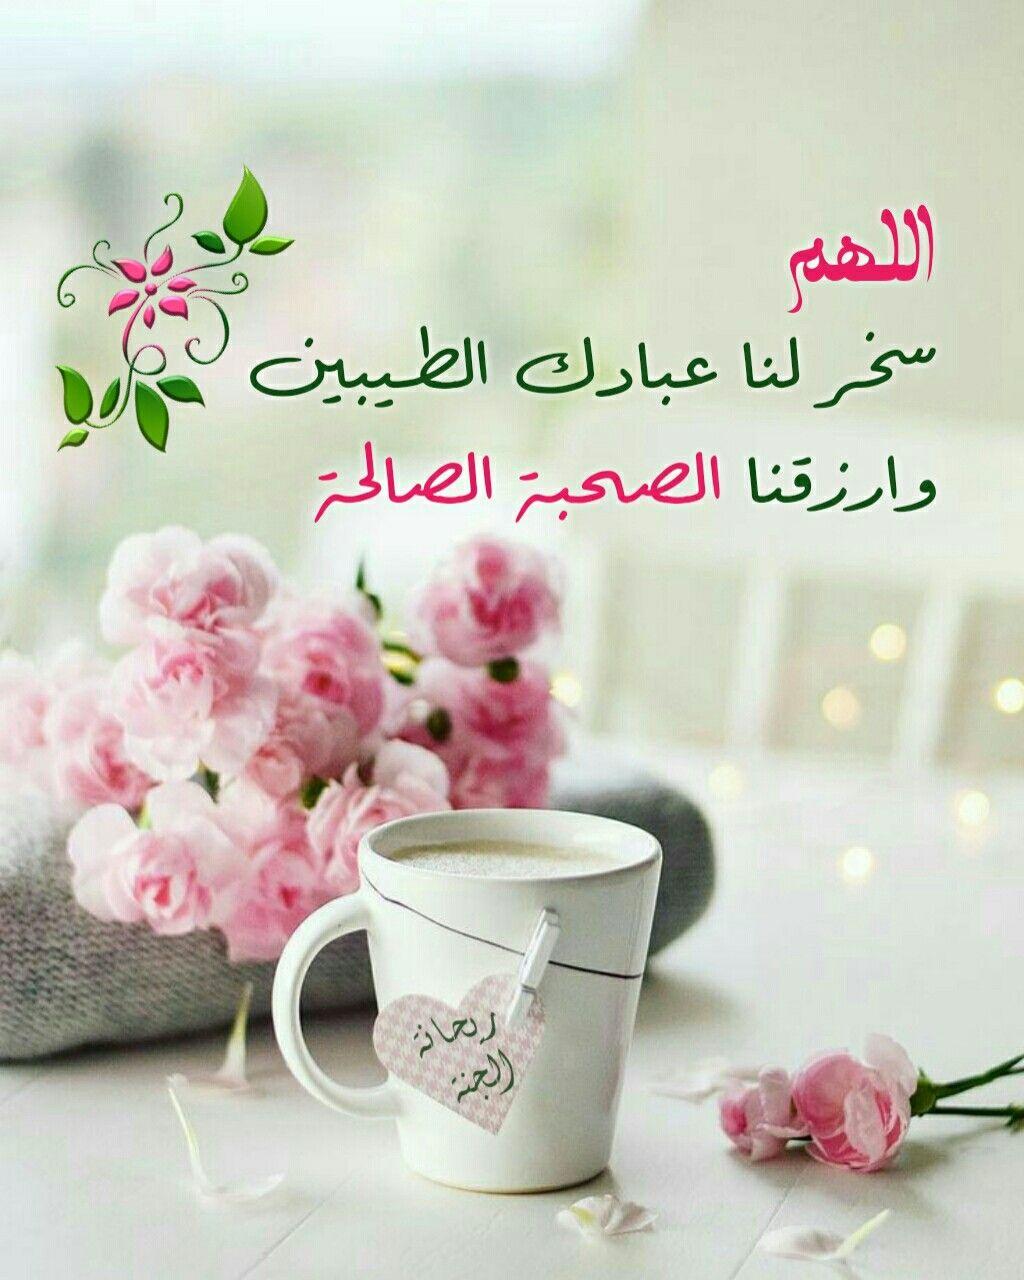 الصحبة الصالحة Glassware Islamic Quotes Mugs